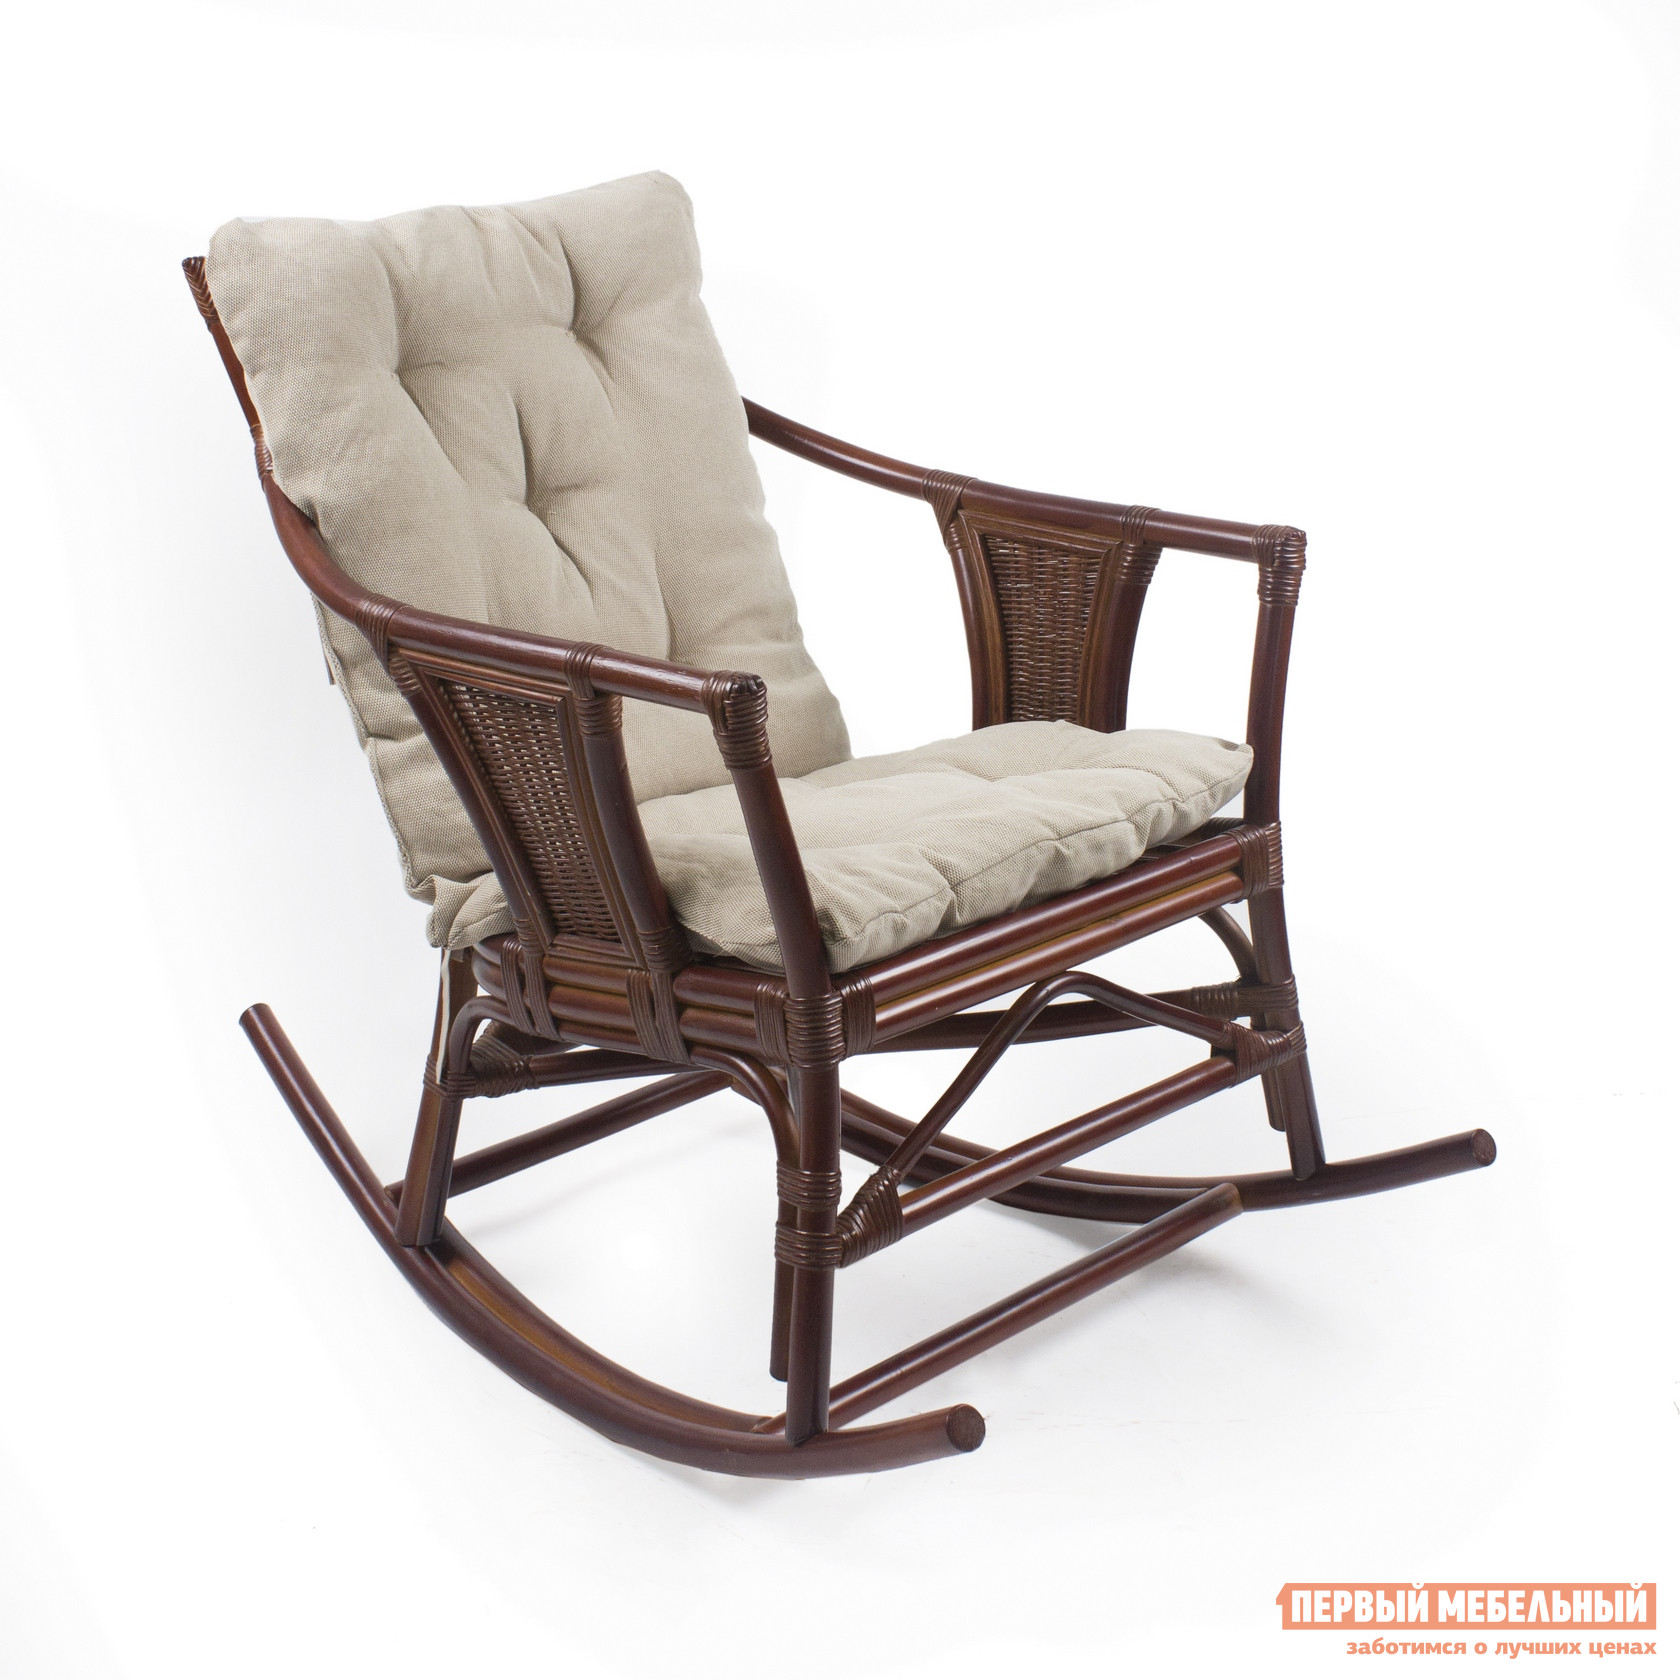 Кресло-качалка Мебель Импэкс Кресло-качалка Canary с подушкой